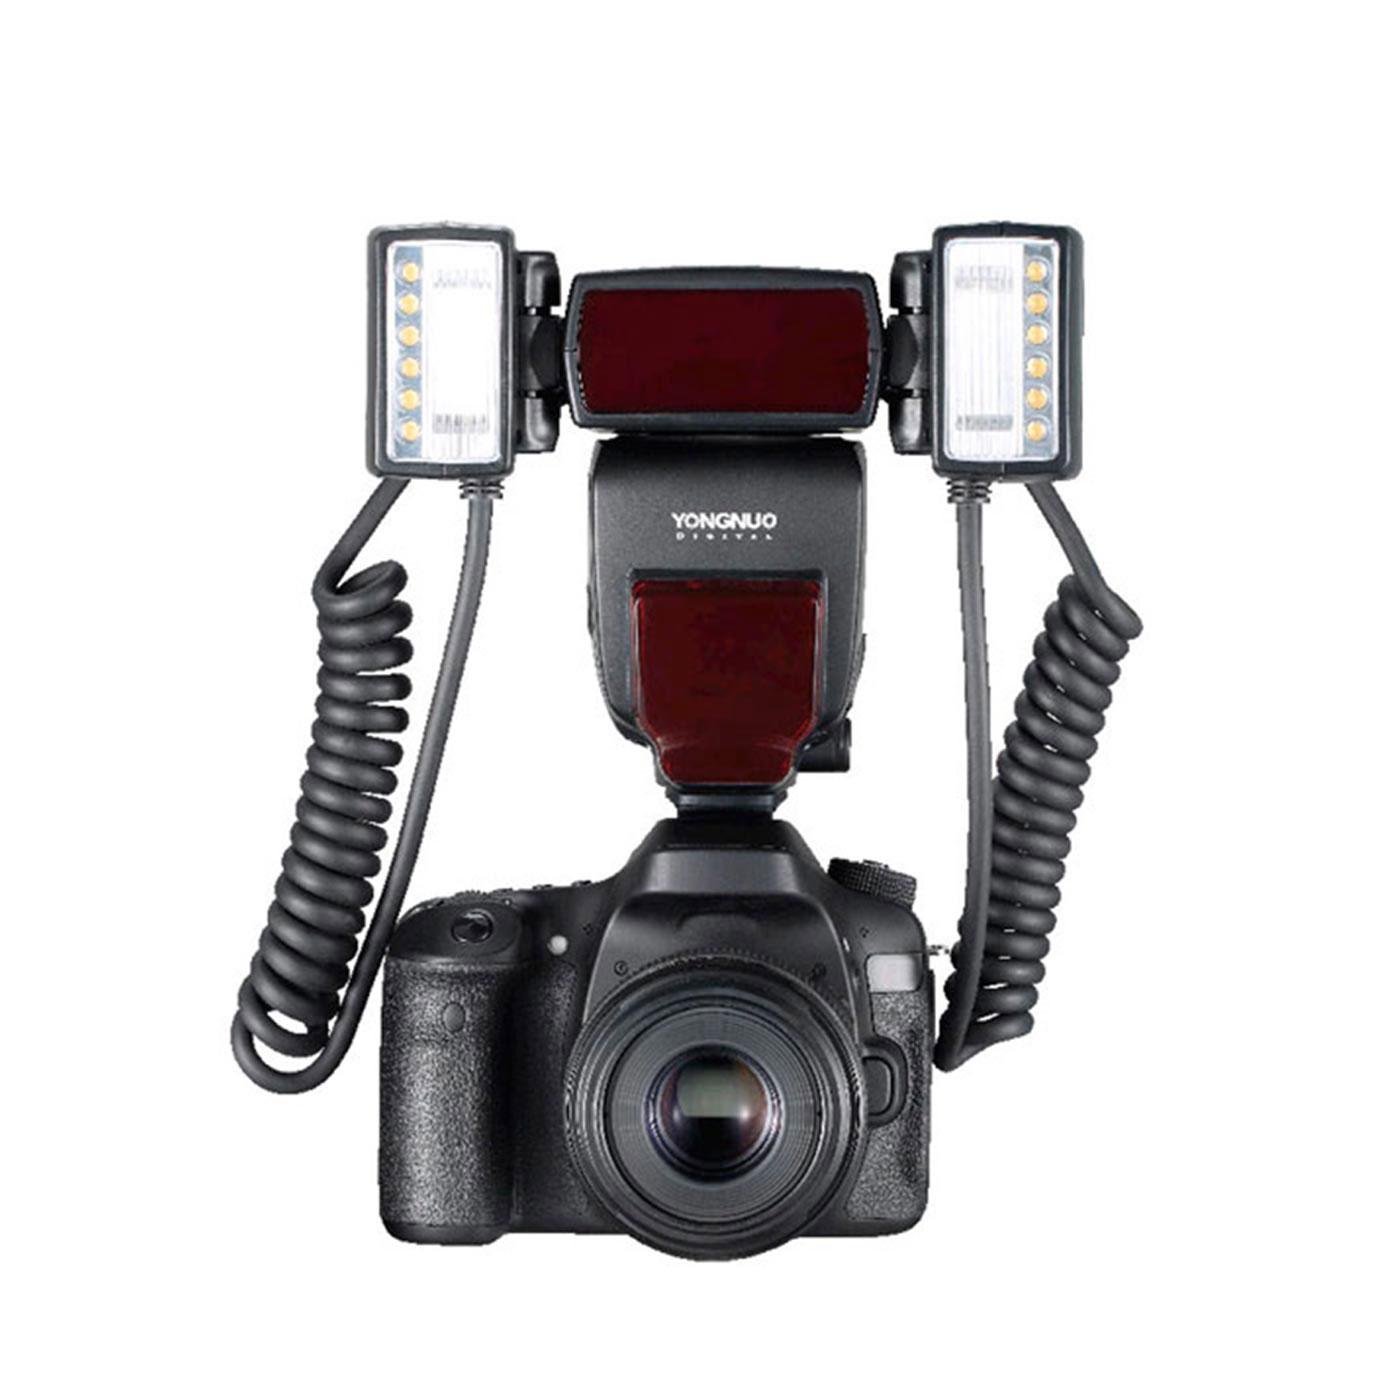 Yongnuo Yn 24ex Macro Twin Lite Flash For Canon Store 565ex Ii Ttl Lcd